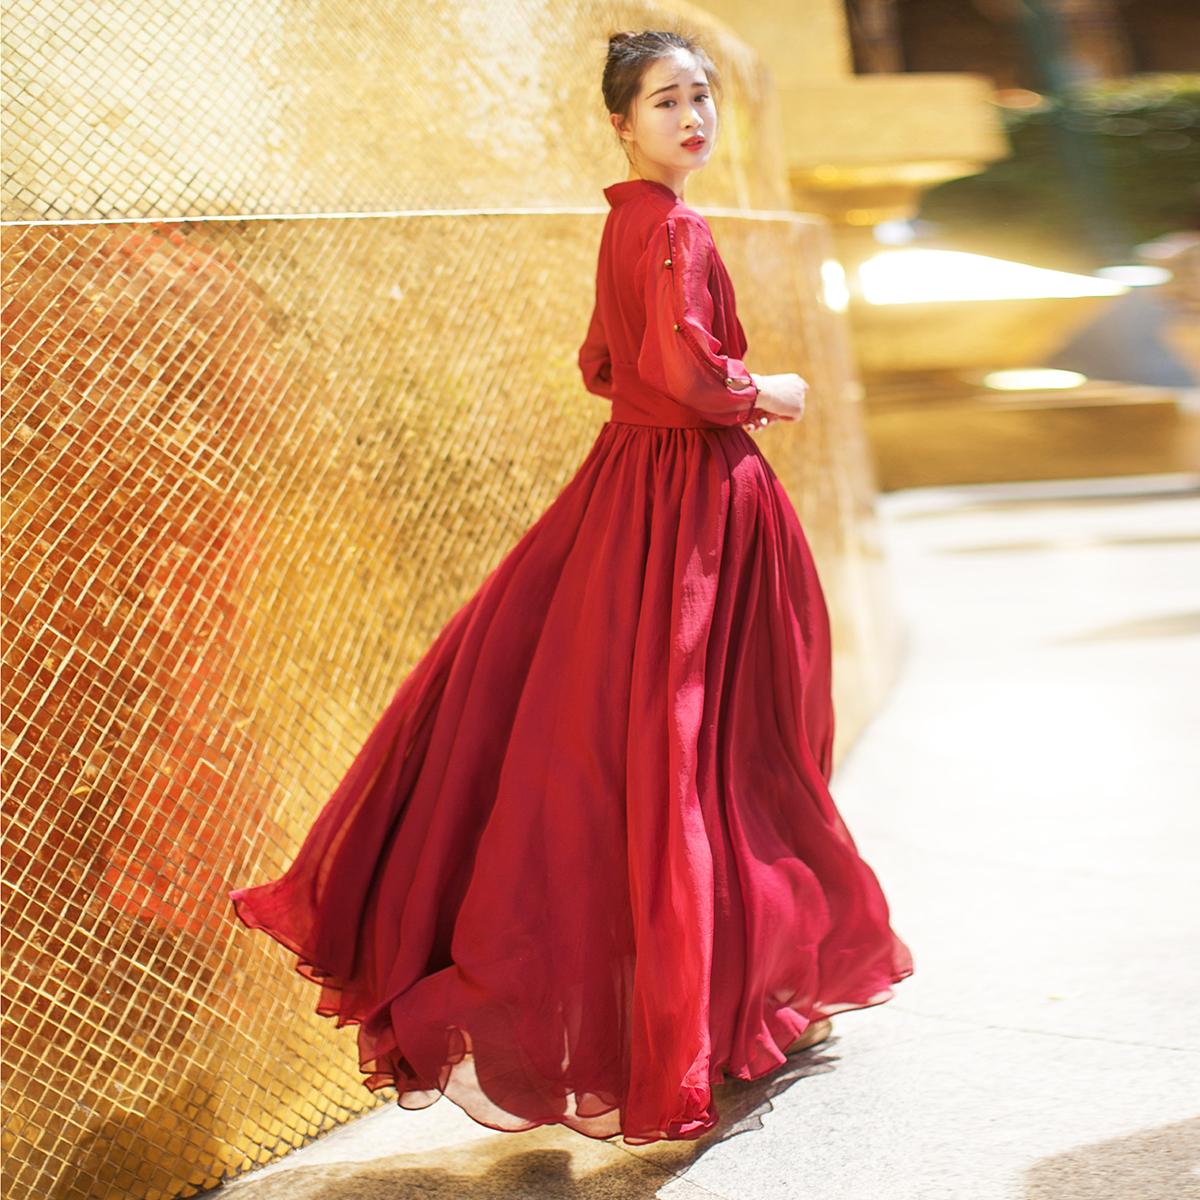 棉麻记汉服大裙摆长裙2020夏季新款 V领收腰显瘦气质红色连衣裙女